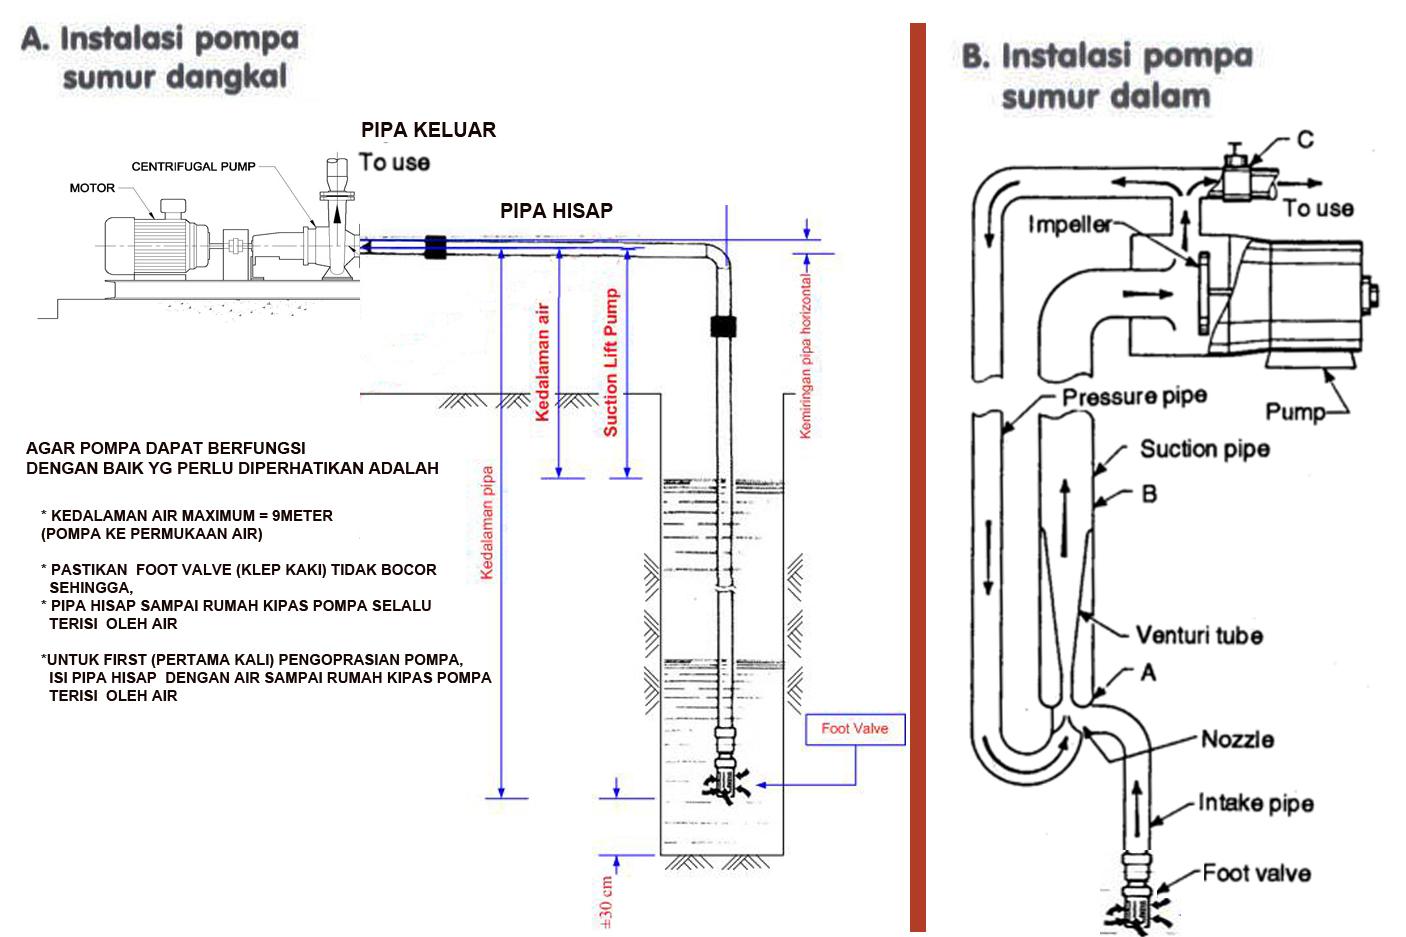 ... pompa tersebut berikut ilustrasi cara pemasangan kedua jenis pompa air